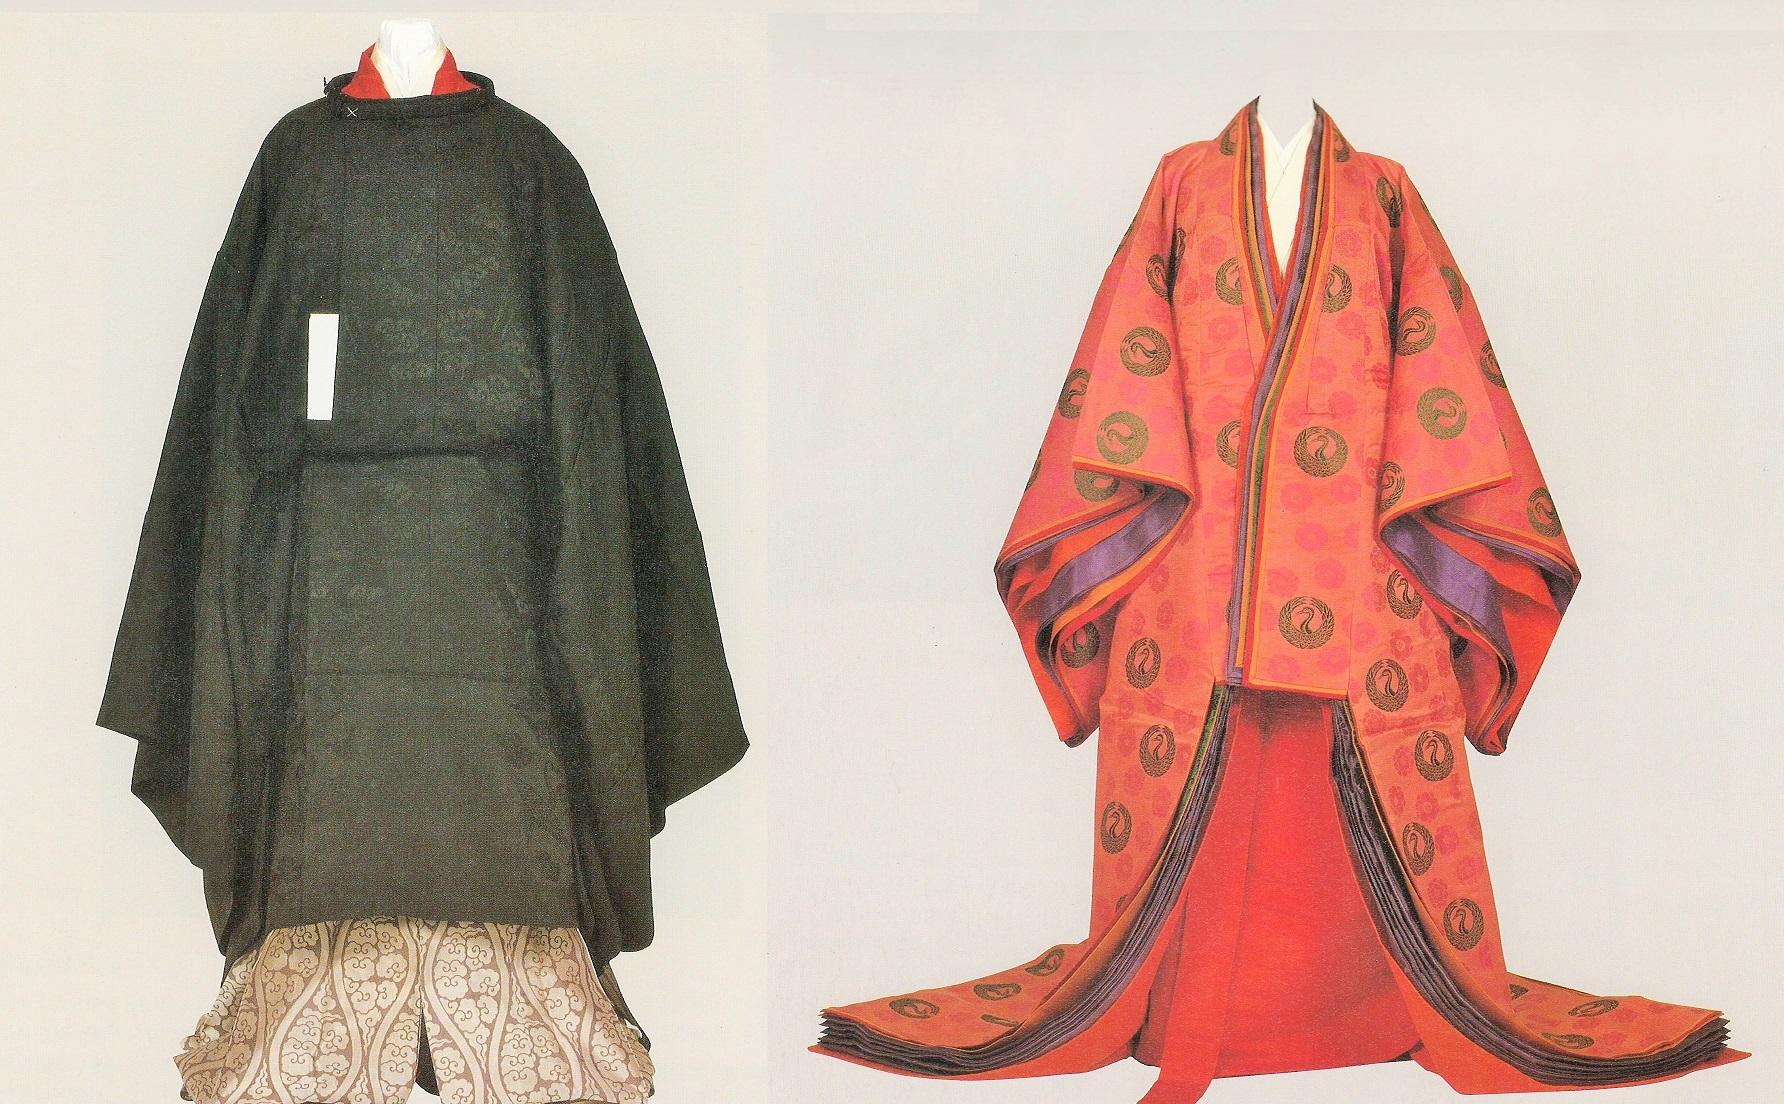 皇室衣裳展(3月から4月)のイメージ